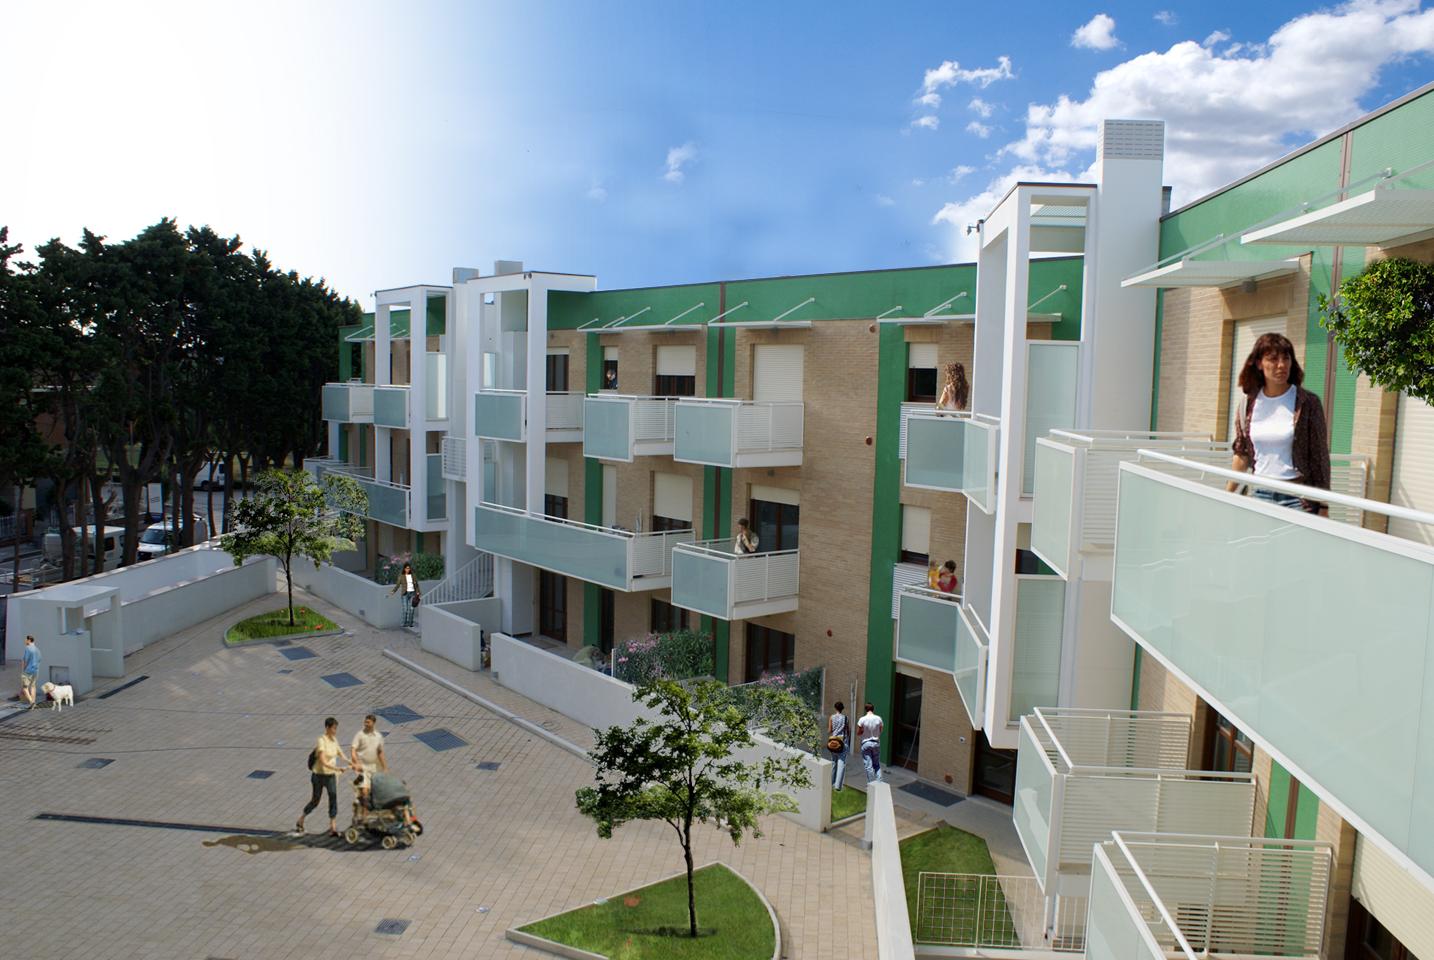 appartamenti-porto-san-giorgio-via-petrarca-corte-interna-sud